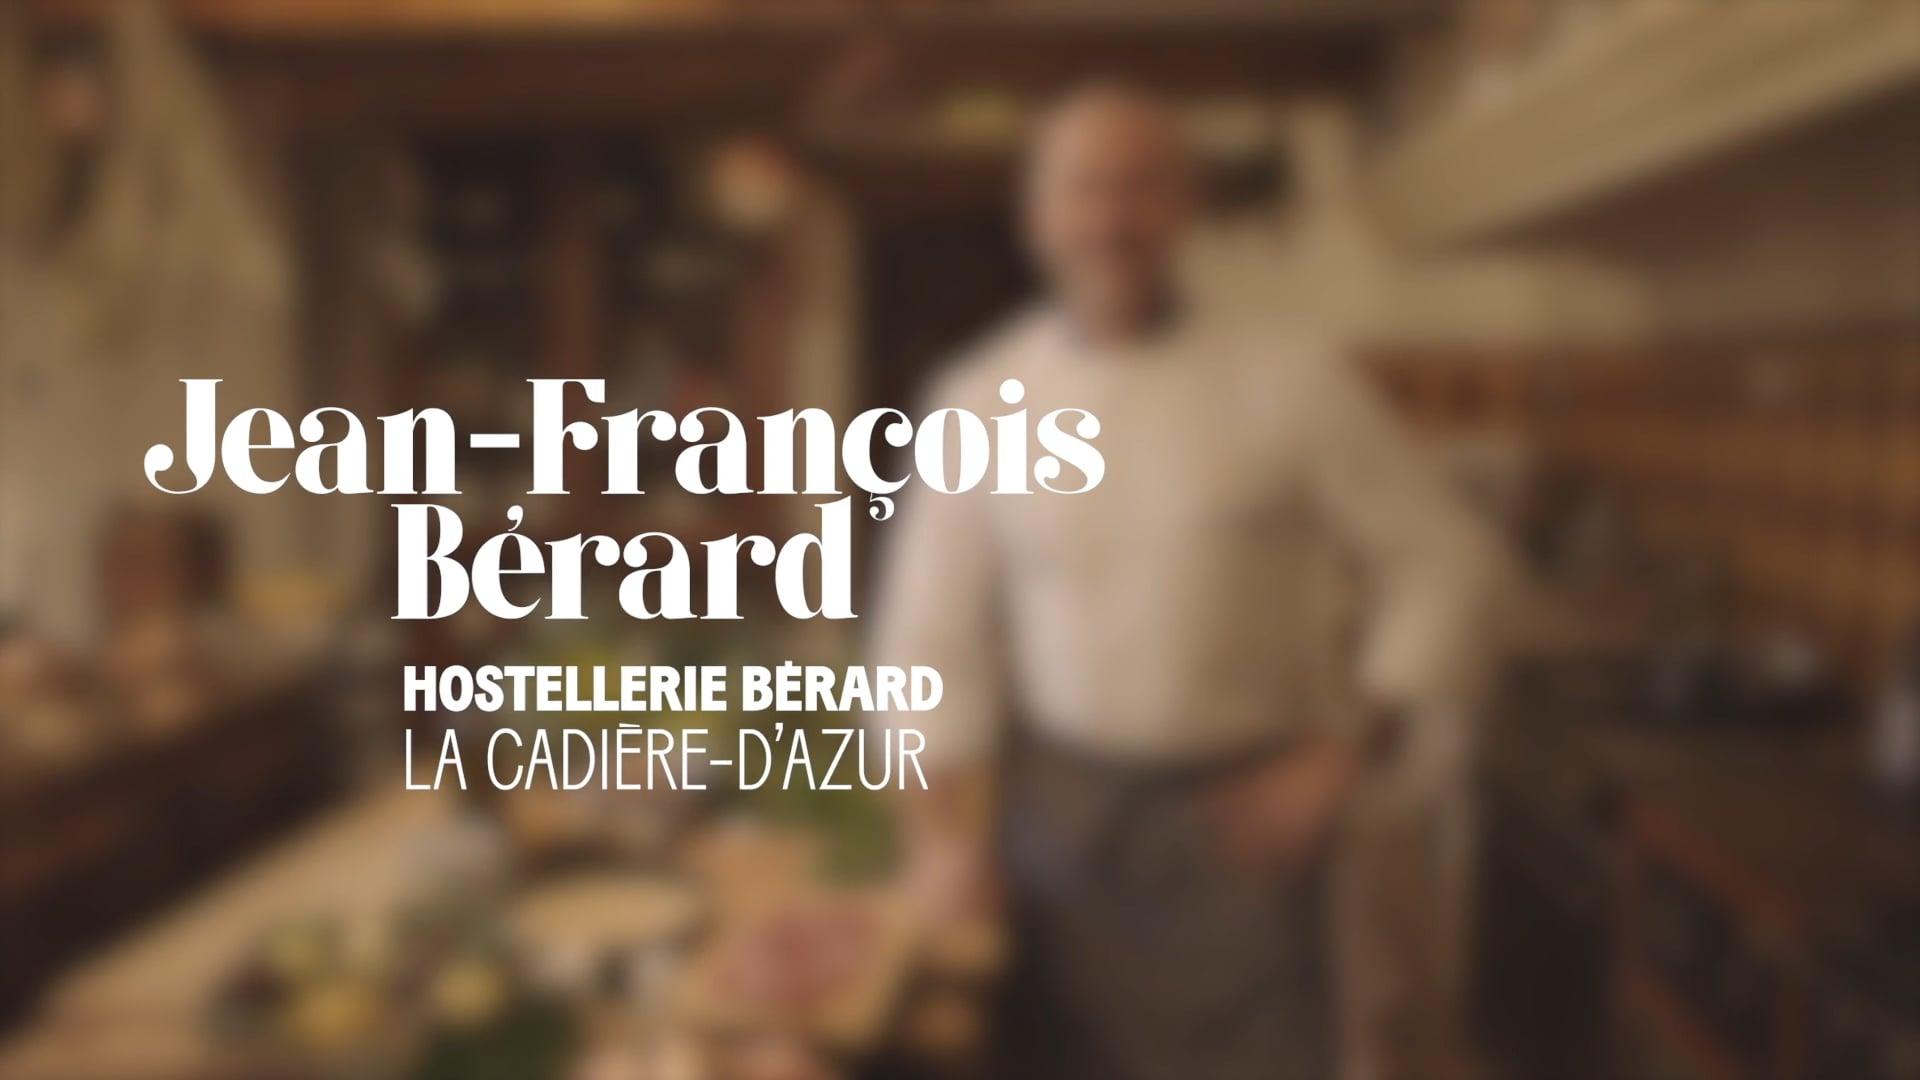 Et Toque! avec Jean-François Bérard, Hostellerie Bérard, La Cadière-dAzur - Commission européenne